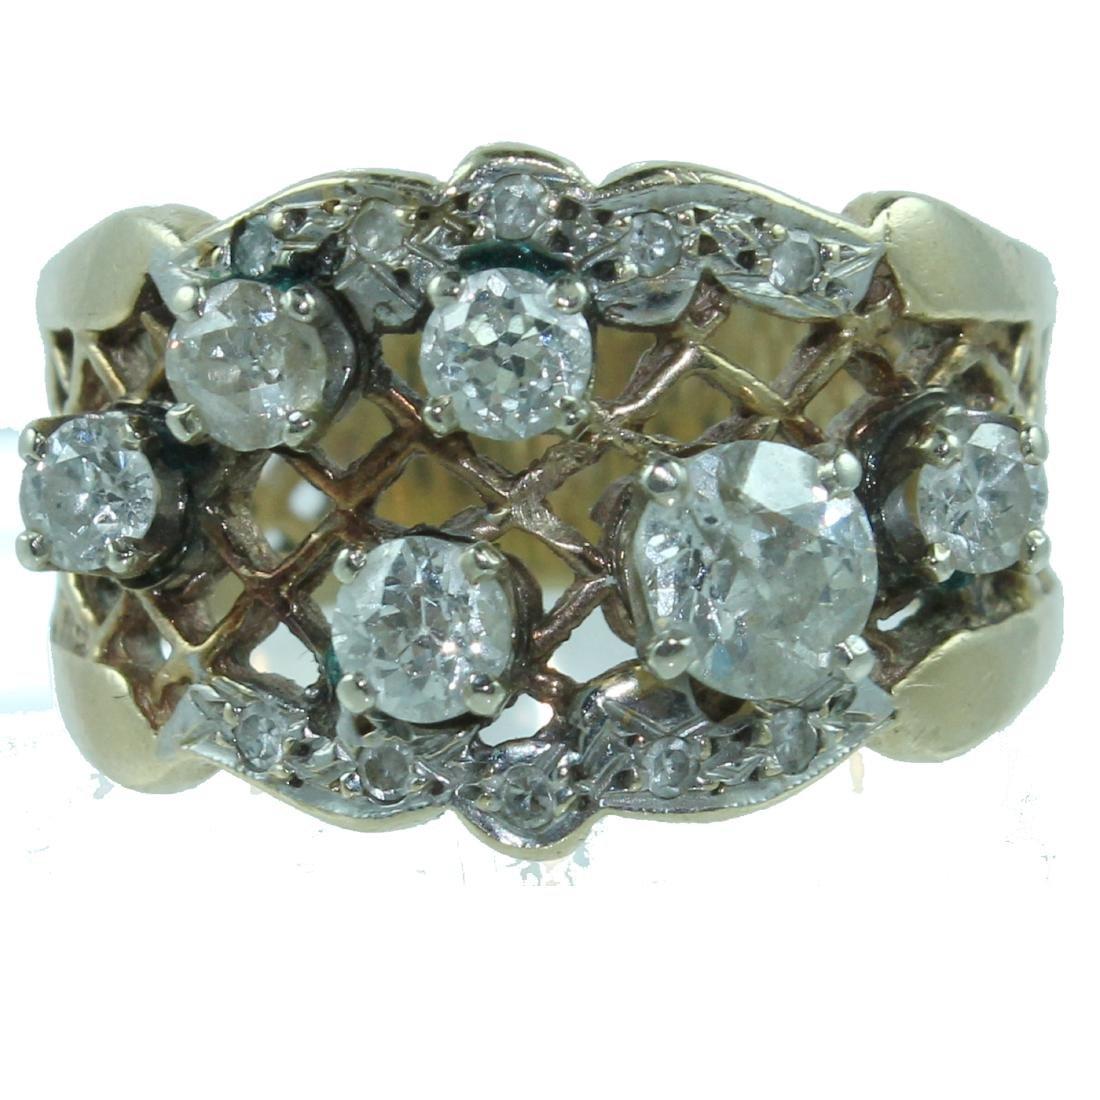 14K DIAMOND RING. APPROX. 1.50 CARAT